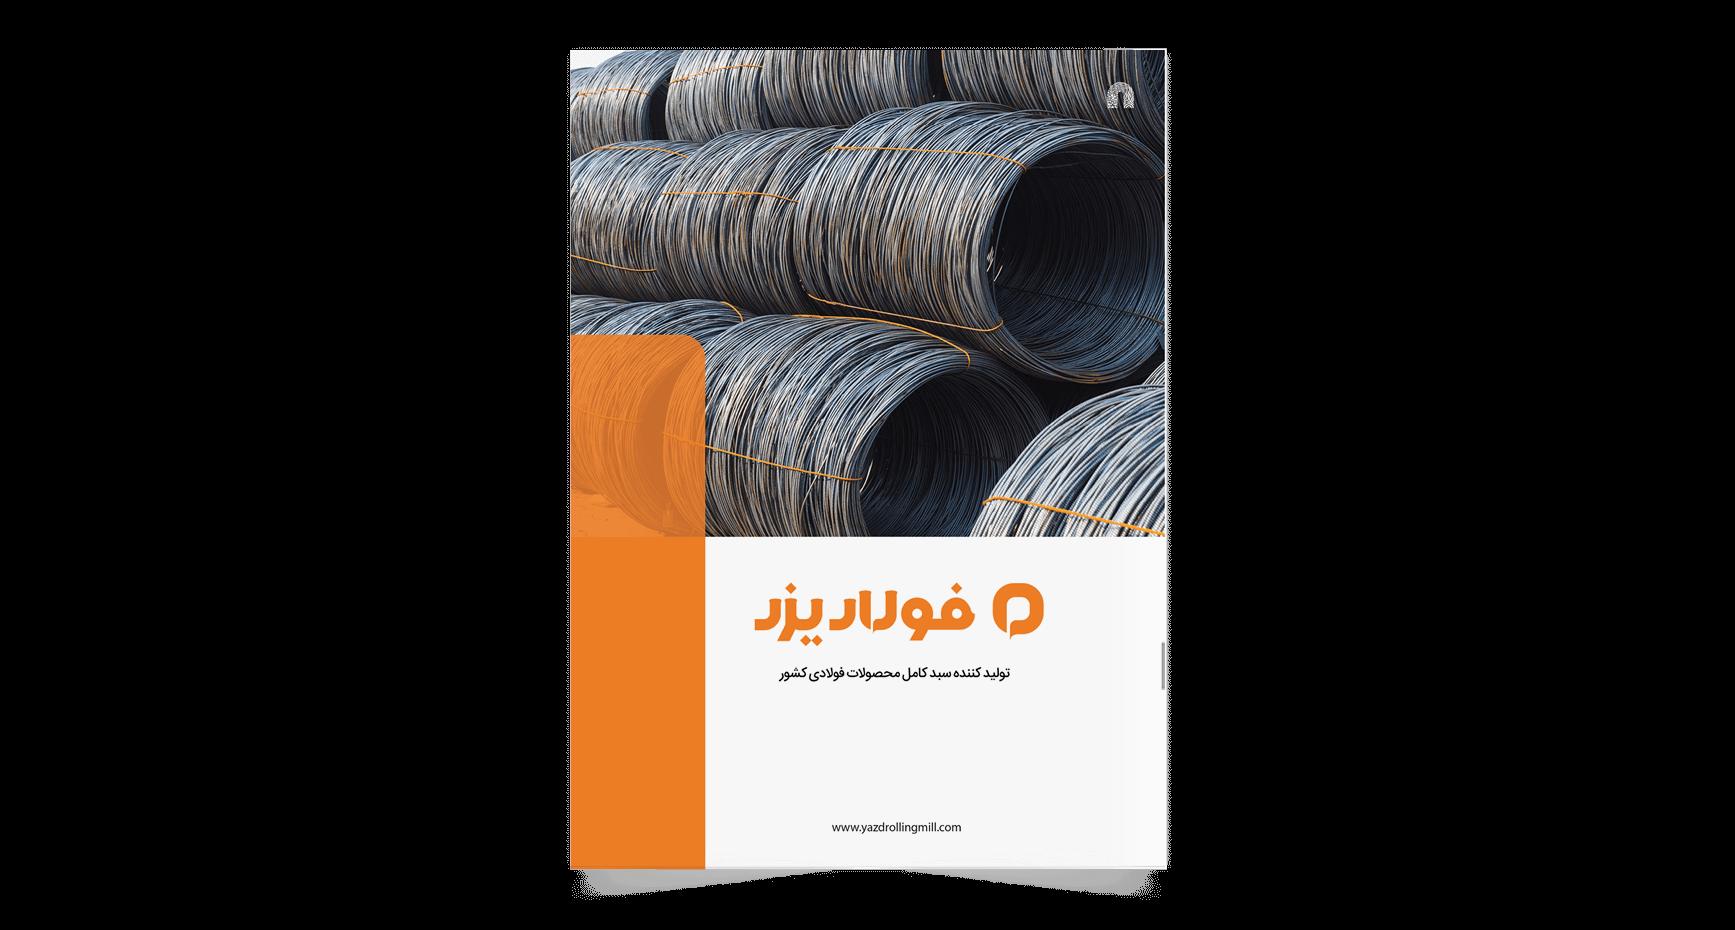 طراحی کاتالوگ صنعتی فولاد یزد